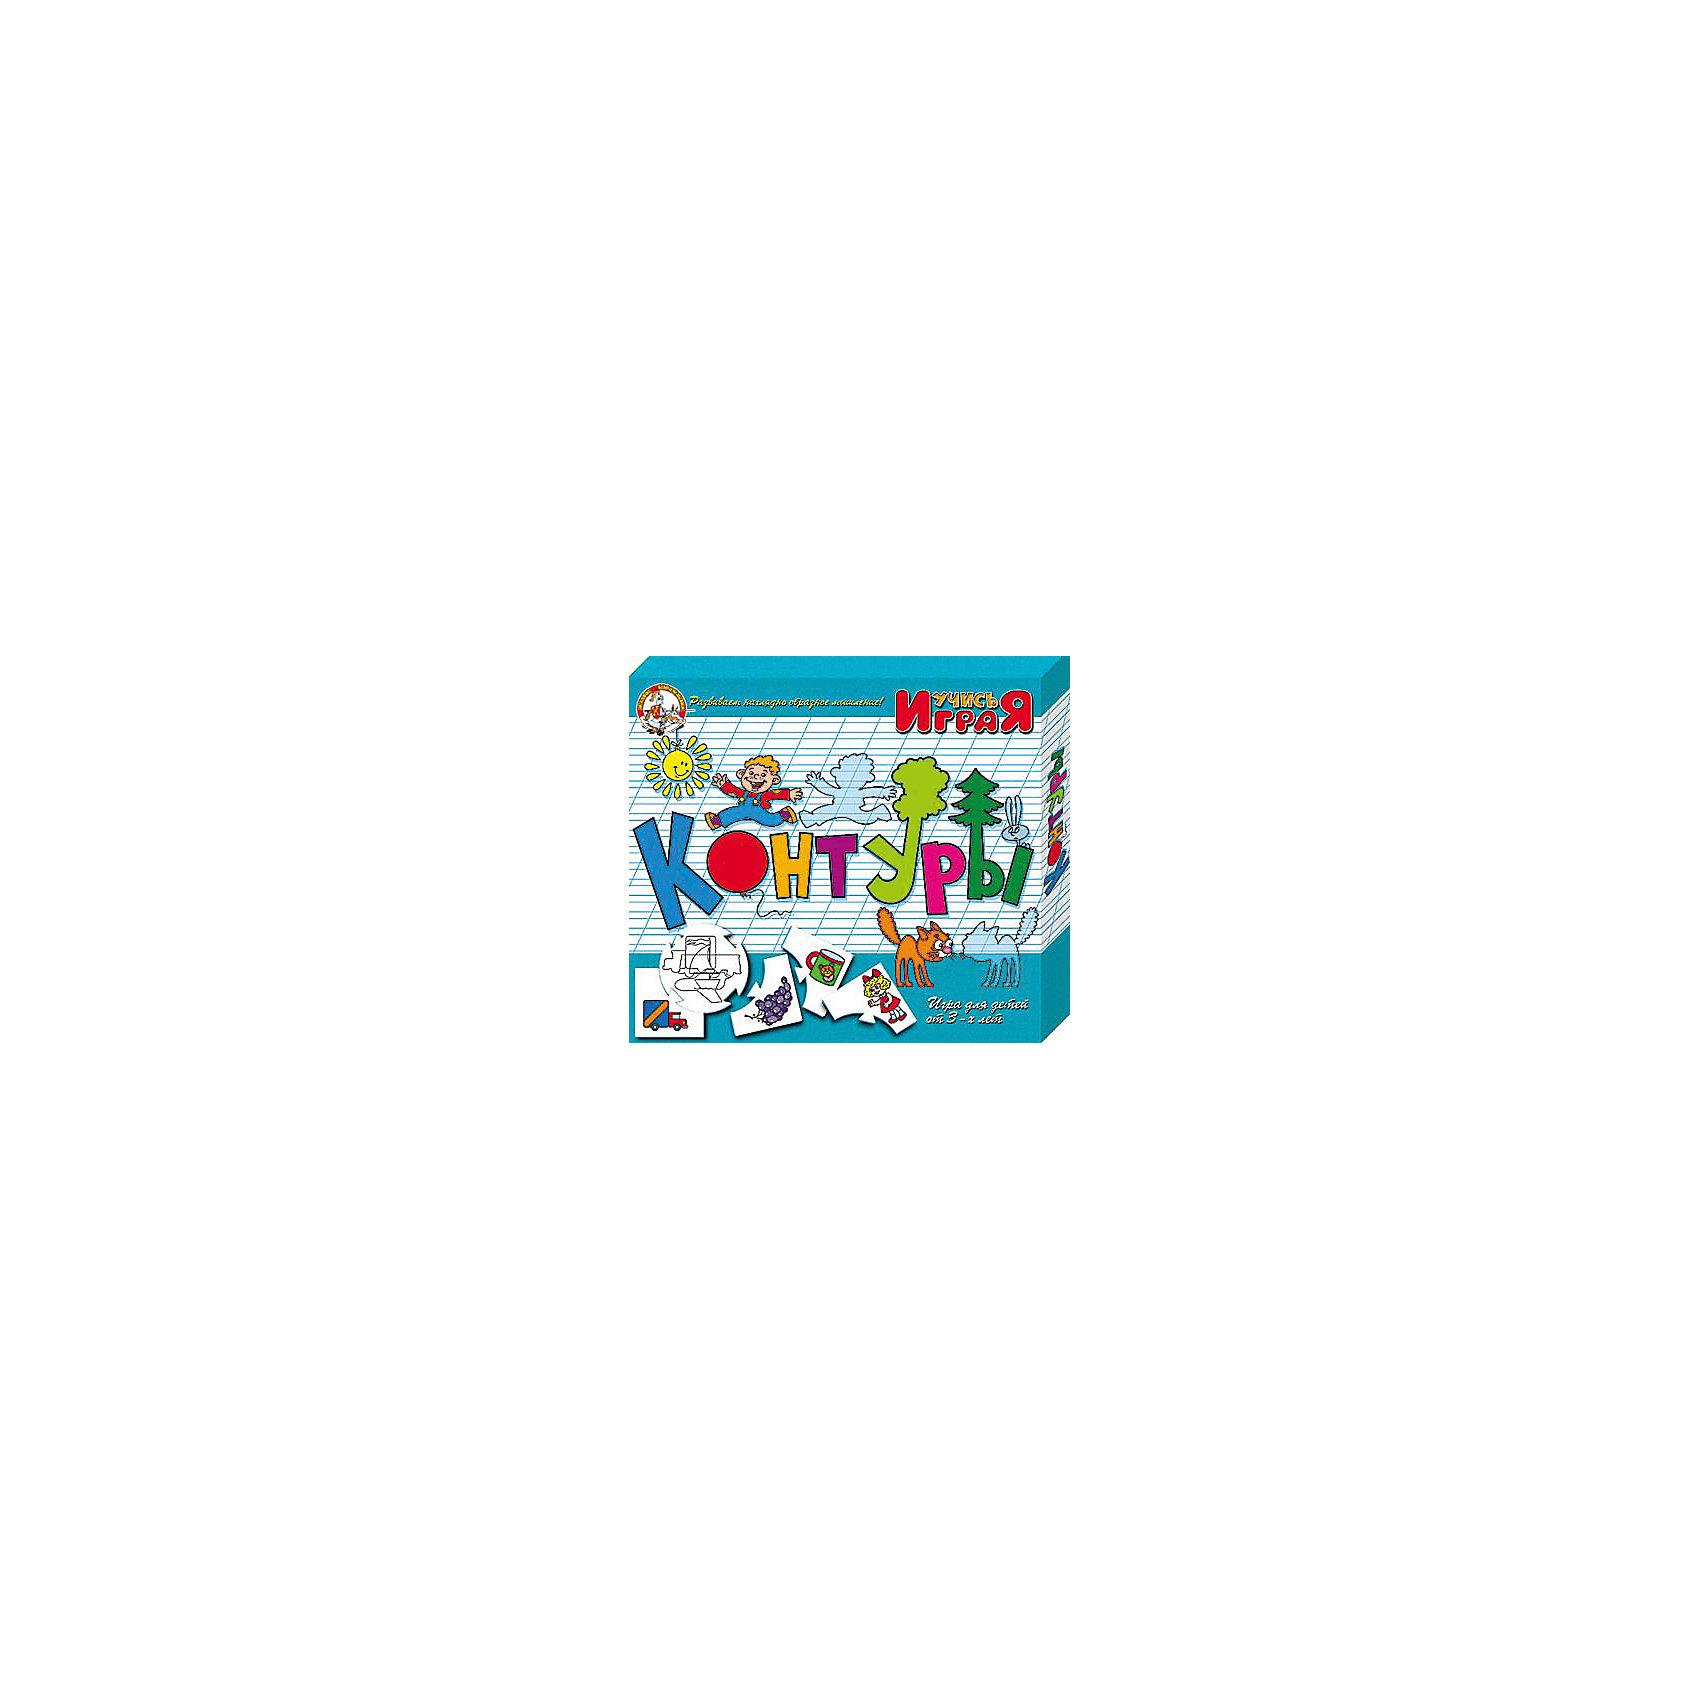 Игра обучающая  Контуры, Десятое королевствоОбучающие карточки<br>Игра обучающая Контуры, Десятое королевство<br><br>Характеристики:<br><br>• Возраст: от 3 лет<br>• Количество игроков: от 1 до 10<br>• В комплекте: 10 карточек заданий, 4 карточки с ответами<br><br>В этой увлекательной обучающей игре могут участвовать одновременно от 1 до 10 детей! В наборе содержатся 10 карточек-заданий, на которых изображены рисунки по теме контуров. К каждой необходимо найти 4 карточки-ответа, чтобы дополнить их содержание. В процессе игры дети учатся находить нужный контур к предмету, развивают логическое мышление и память, работают над мелкой моторикой и расширяют свои знания и представления об окружающем мире.<br><br>Игра обучающая Контуры, Десятое королевство можно купить в нашем интернет-магазине.<br><br>Ширина мм: 230<br>Глубина мм: 200<br>Высота мм: 35<br>Вес г: 230<br>Возраст от месяцев: 84<br>Возраст до месяцев: 2147483647<br>Пол: Унисекс<br>Возраст: Детский<br>SKU: 5471673